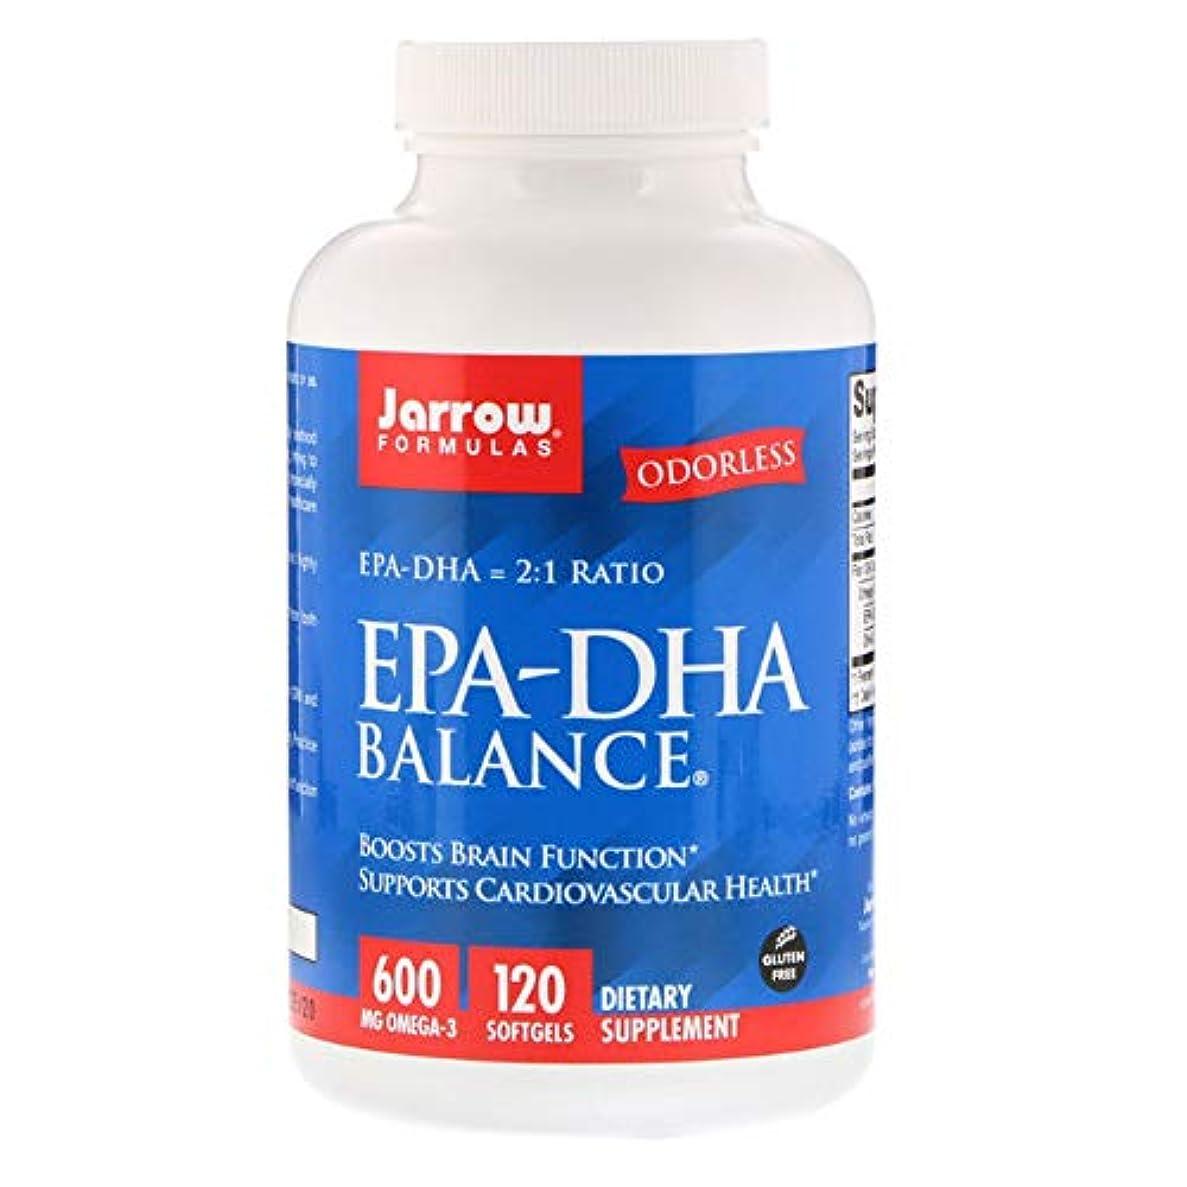 ナビゲーション予言する統計Jarrow Formulas EPA DHA Balance ソフトジェル 120粒 【アメリカ直送】